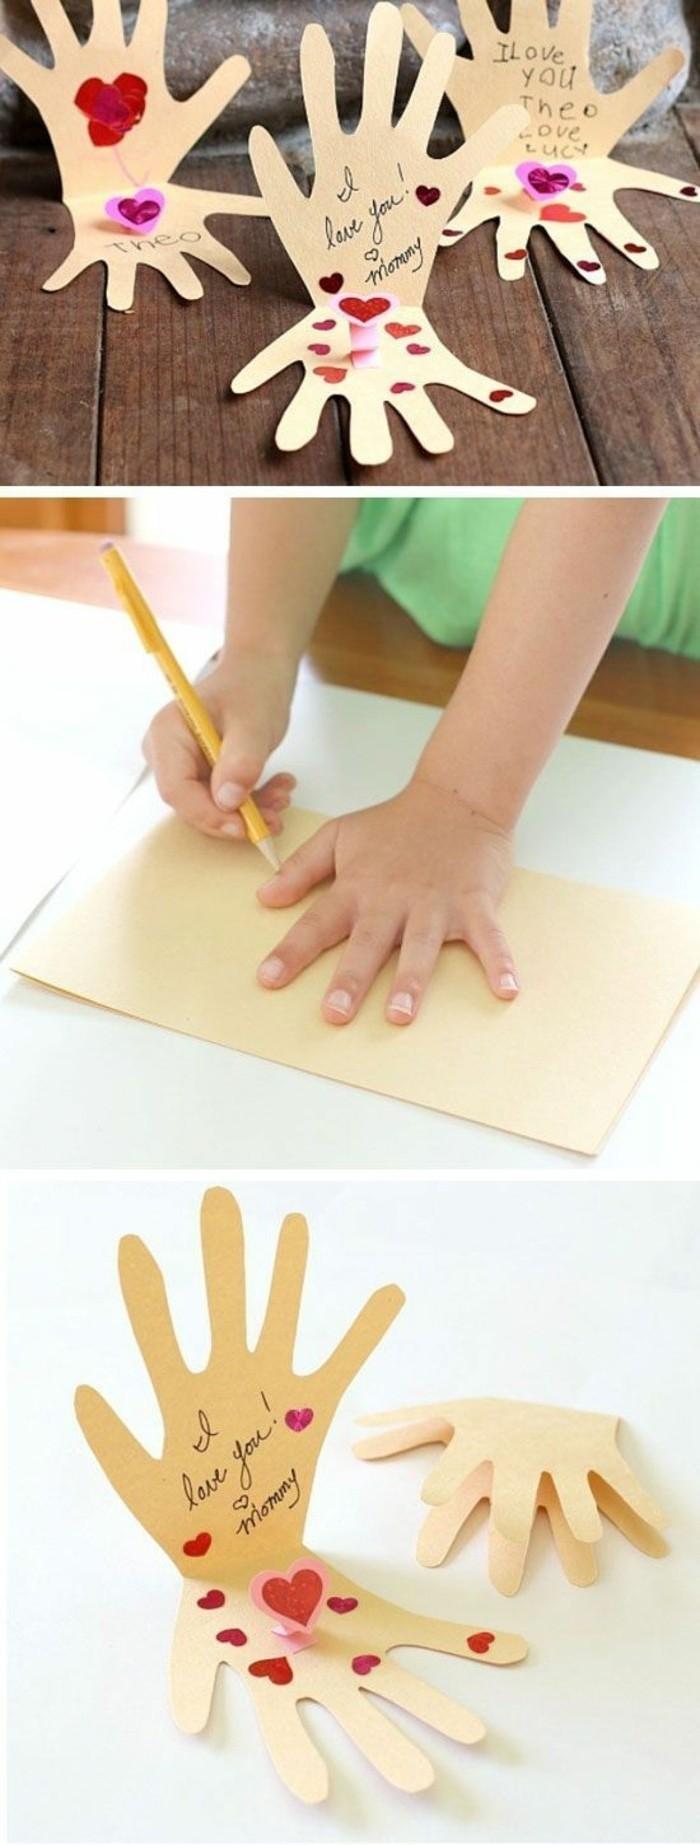 lavoretti-bambini-idea-regalo-festa-mamma-realizzata-impronta-mano-colorata-decorata-cuori